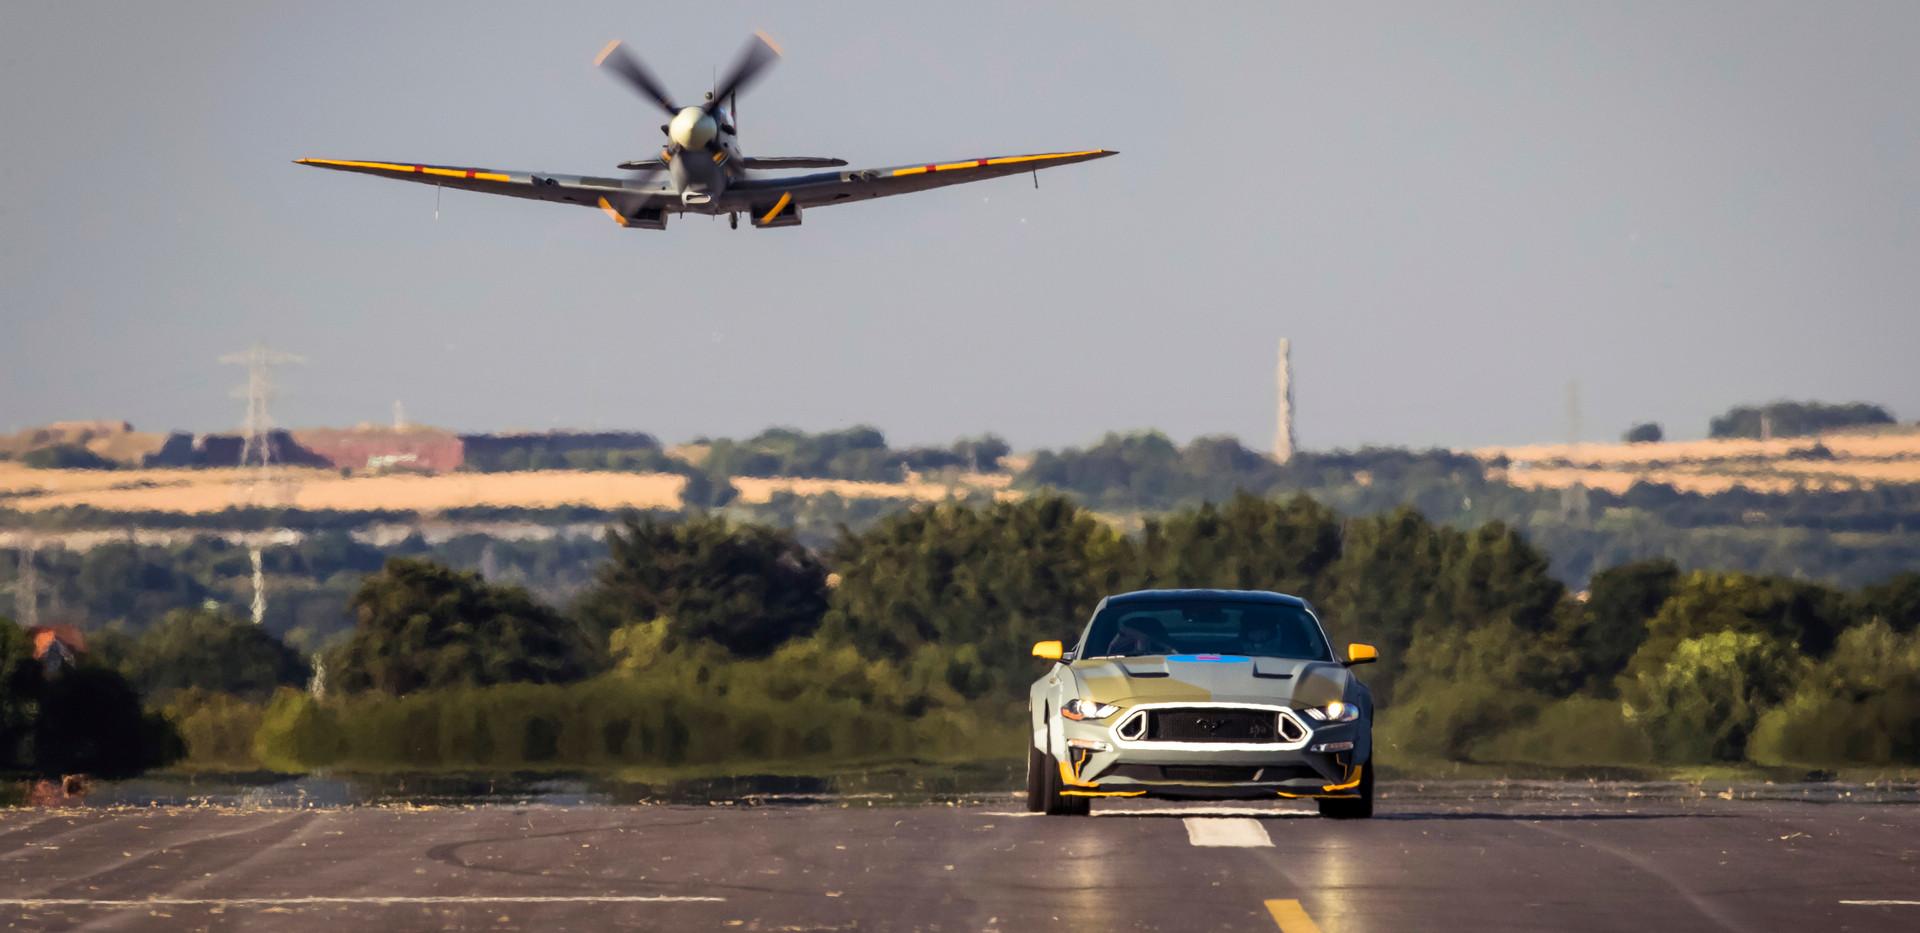 1214_DG_Mustang_Spitfire.jpg